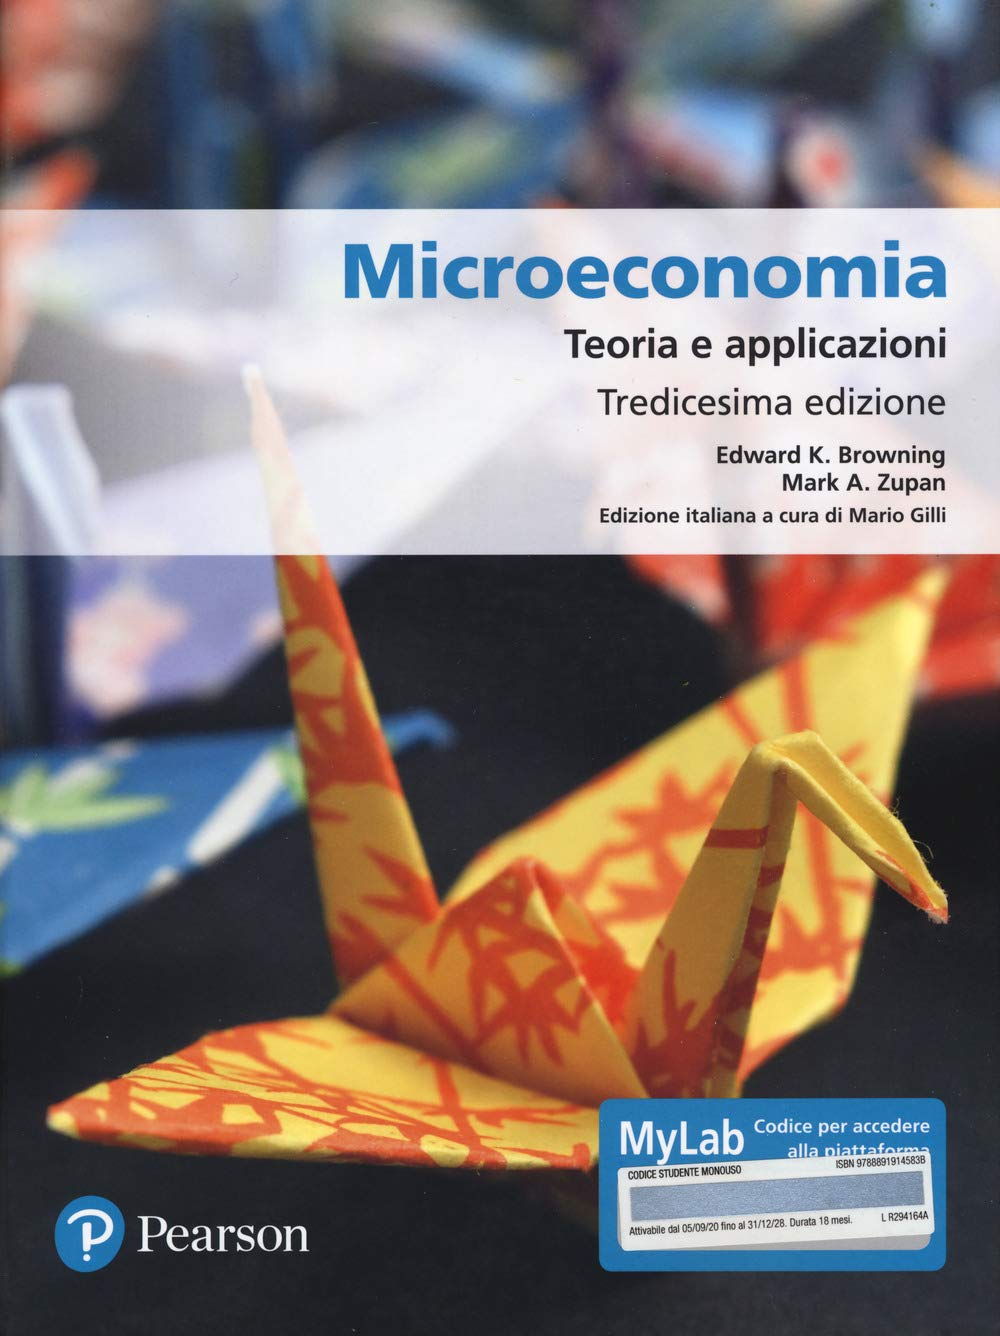 Microeconomia. Teoria e applicazioni